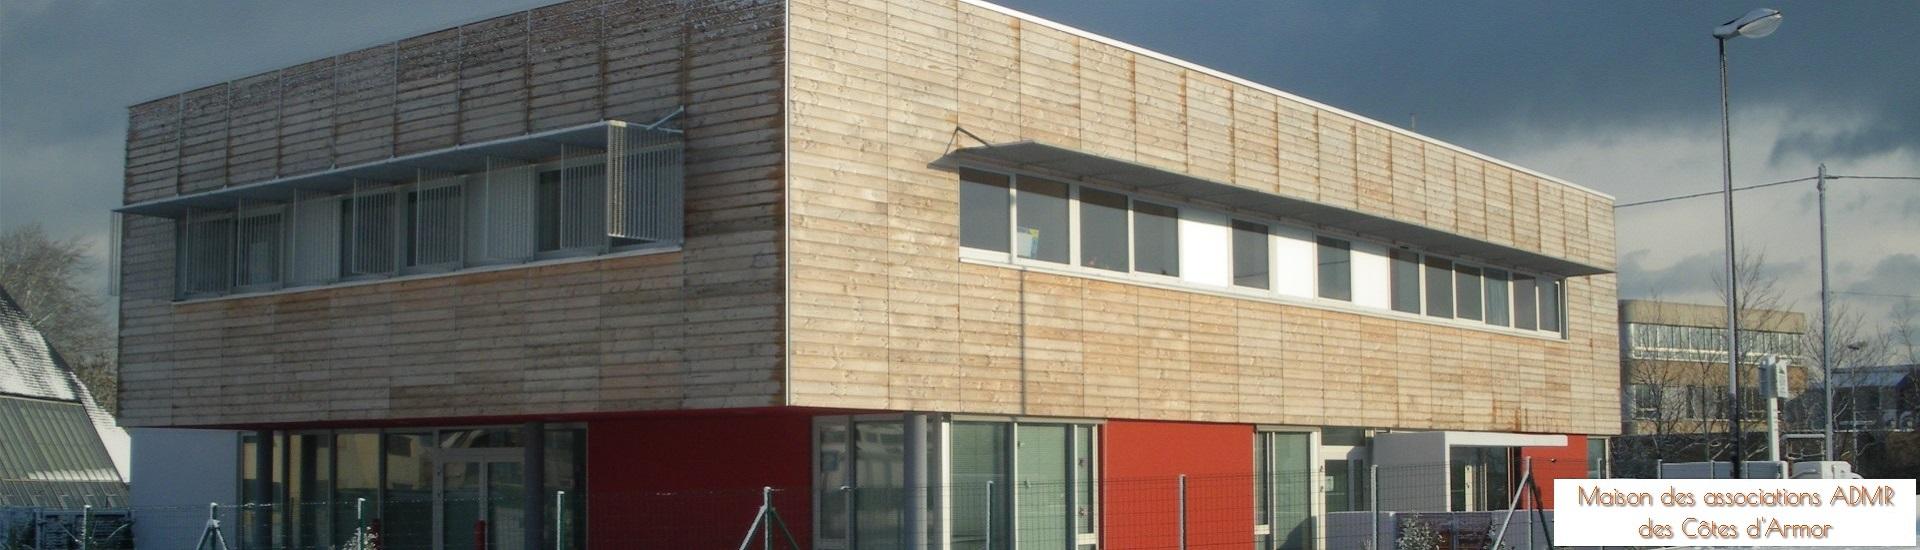 maison des associations ADMR des Côtes d'Armor